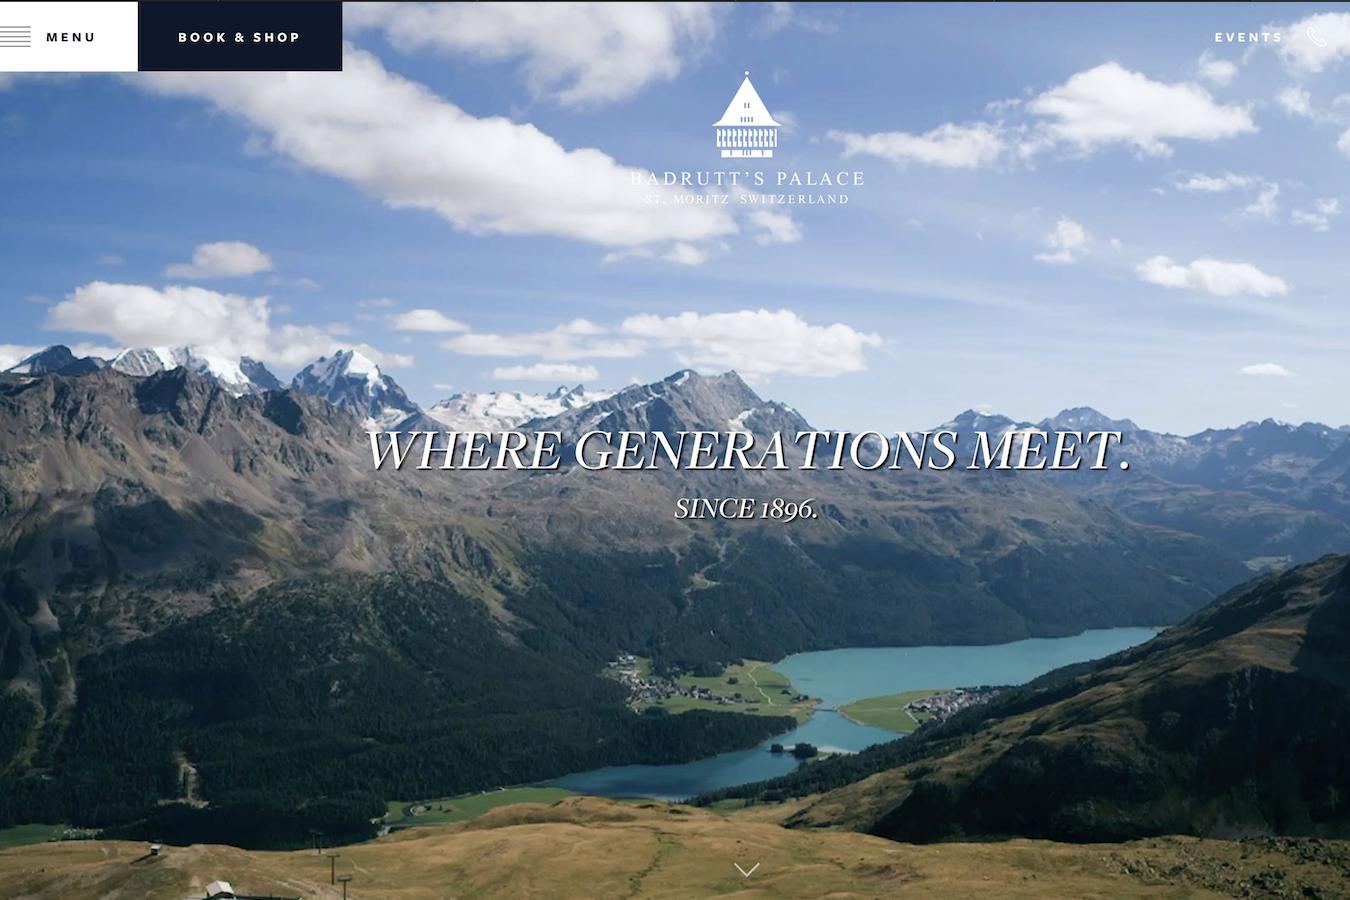 瑞士度假胜地圣莫里茨的传奇奢华酒店 Badrutt's Palace 出售股权,这里曾经高朋满座!